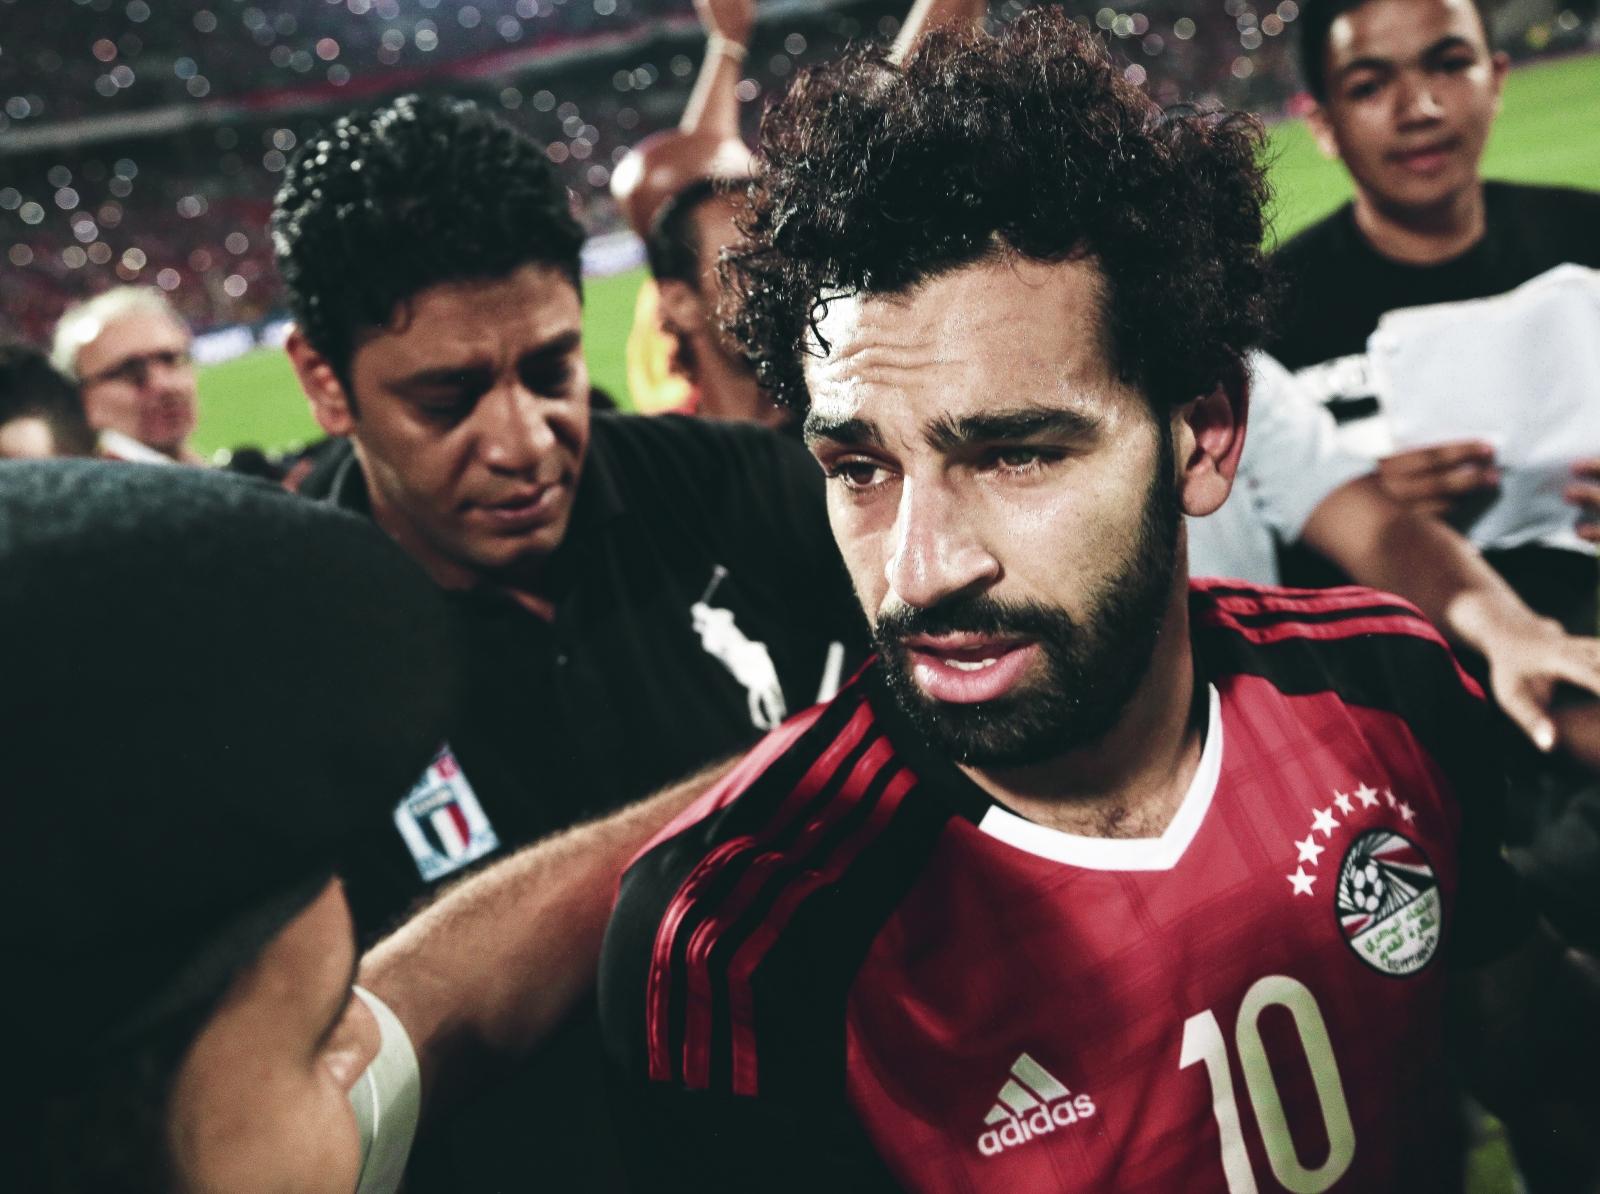 الاتحاد الأفريقي يُعلن نظام تصفيات كأس العالم 2022 .. ذكرى سيئة لمصر